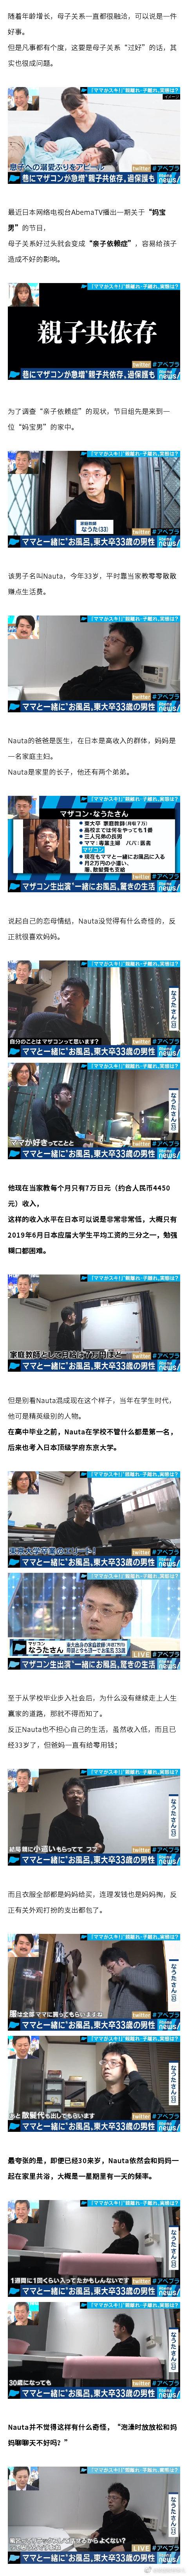 """33岁东京大学毕业男还和母亲一起泡澡,日本节目最近探讨起日益增多的""""妈宝男""""话题 涨姿势 第1张"""